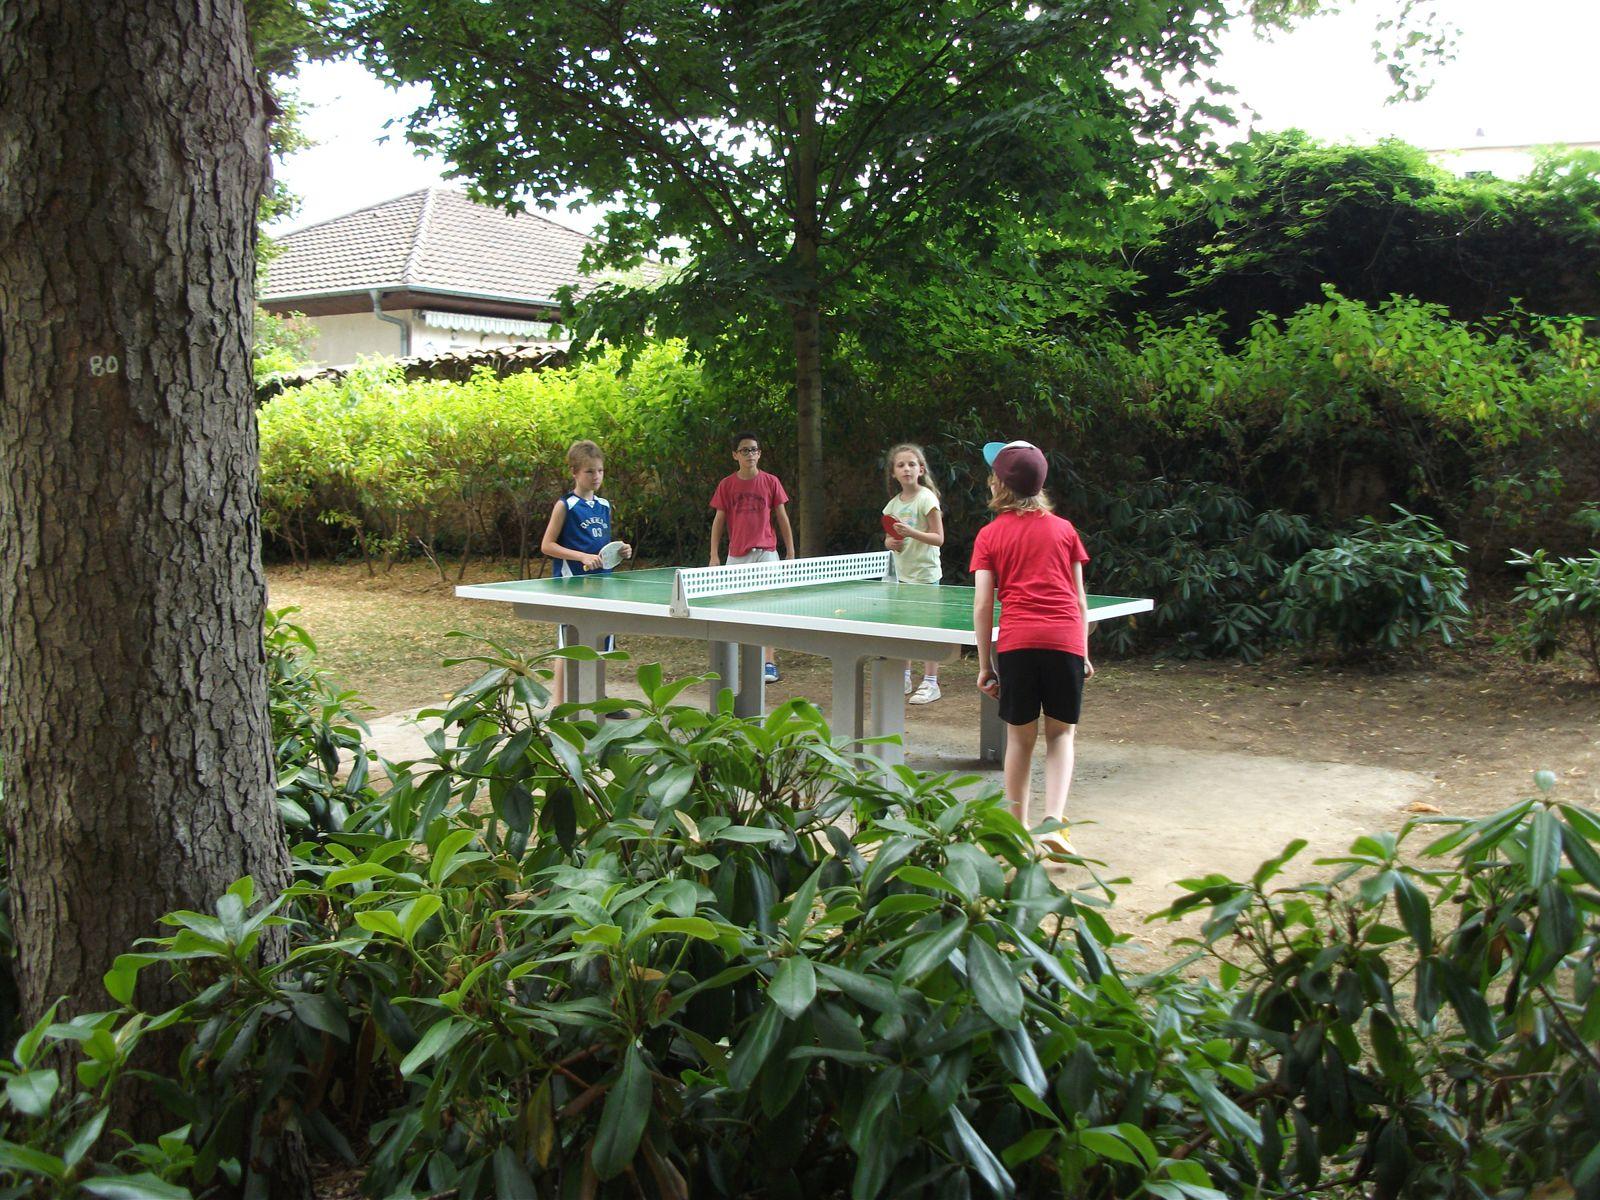 La table de ping-pong du Parc est à votre disposition